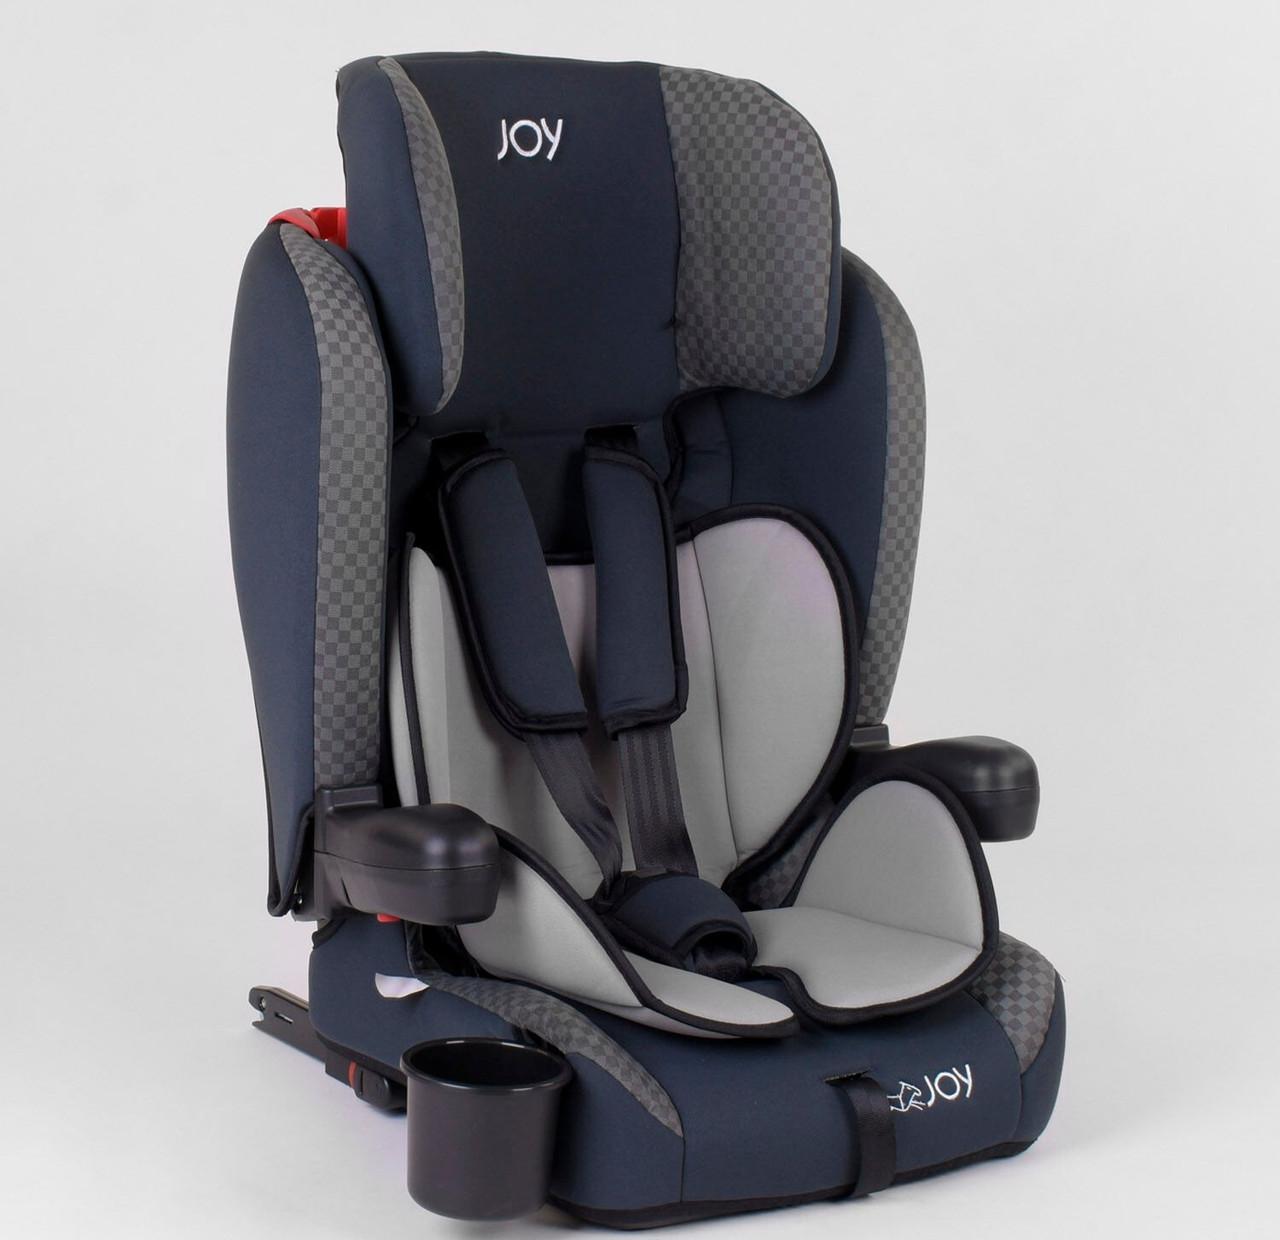 Дитяче автокрісло JOY 24812 система ISOFIX, універсальне